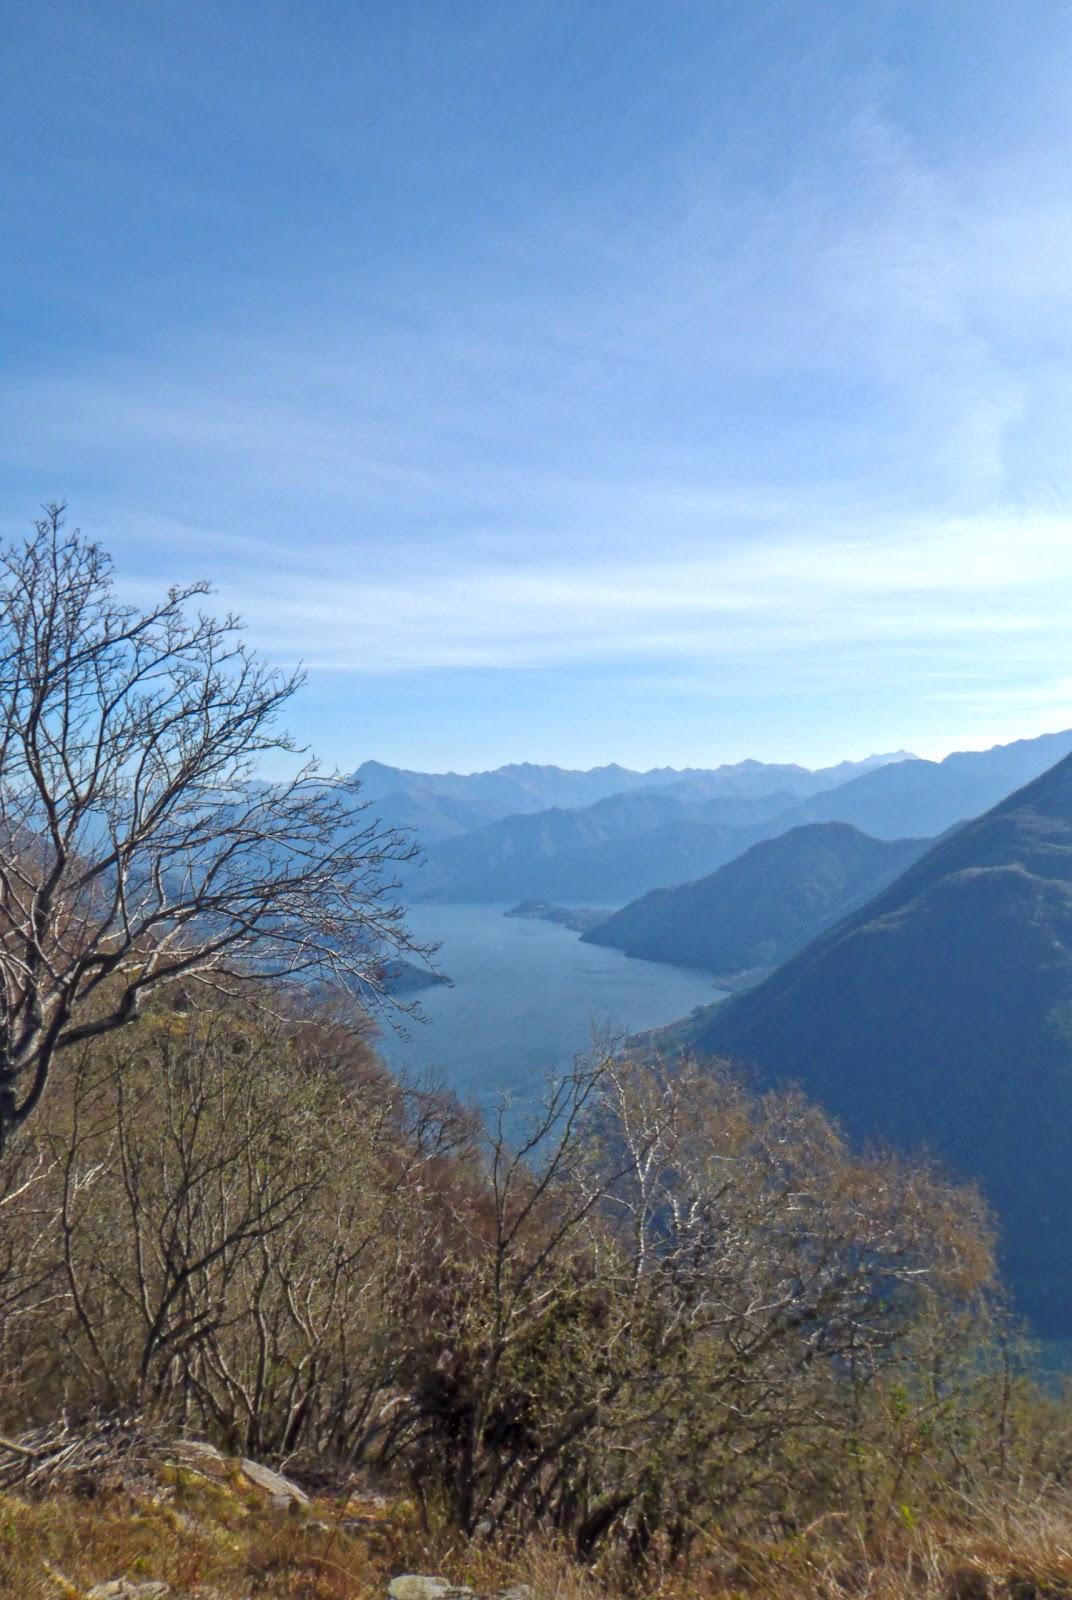 Malati di montagna la via delle alpi al sasso gordona - Riscaldare velocemente casa montagna ...